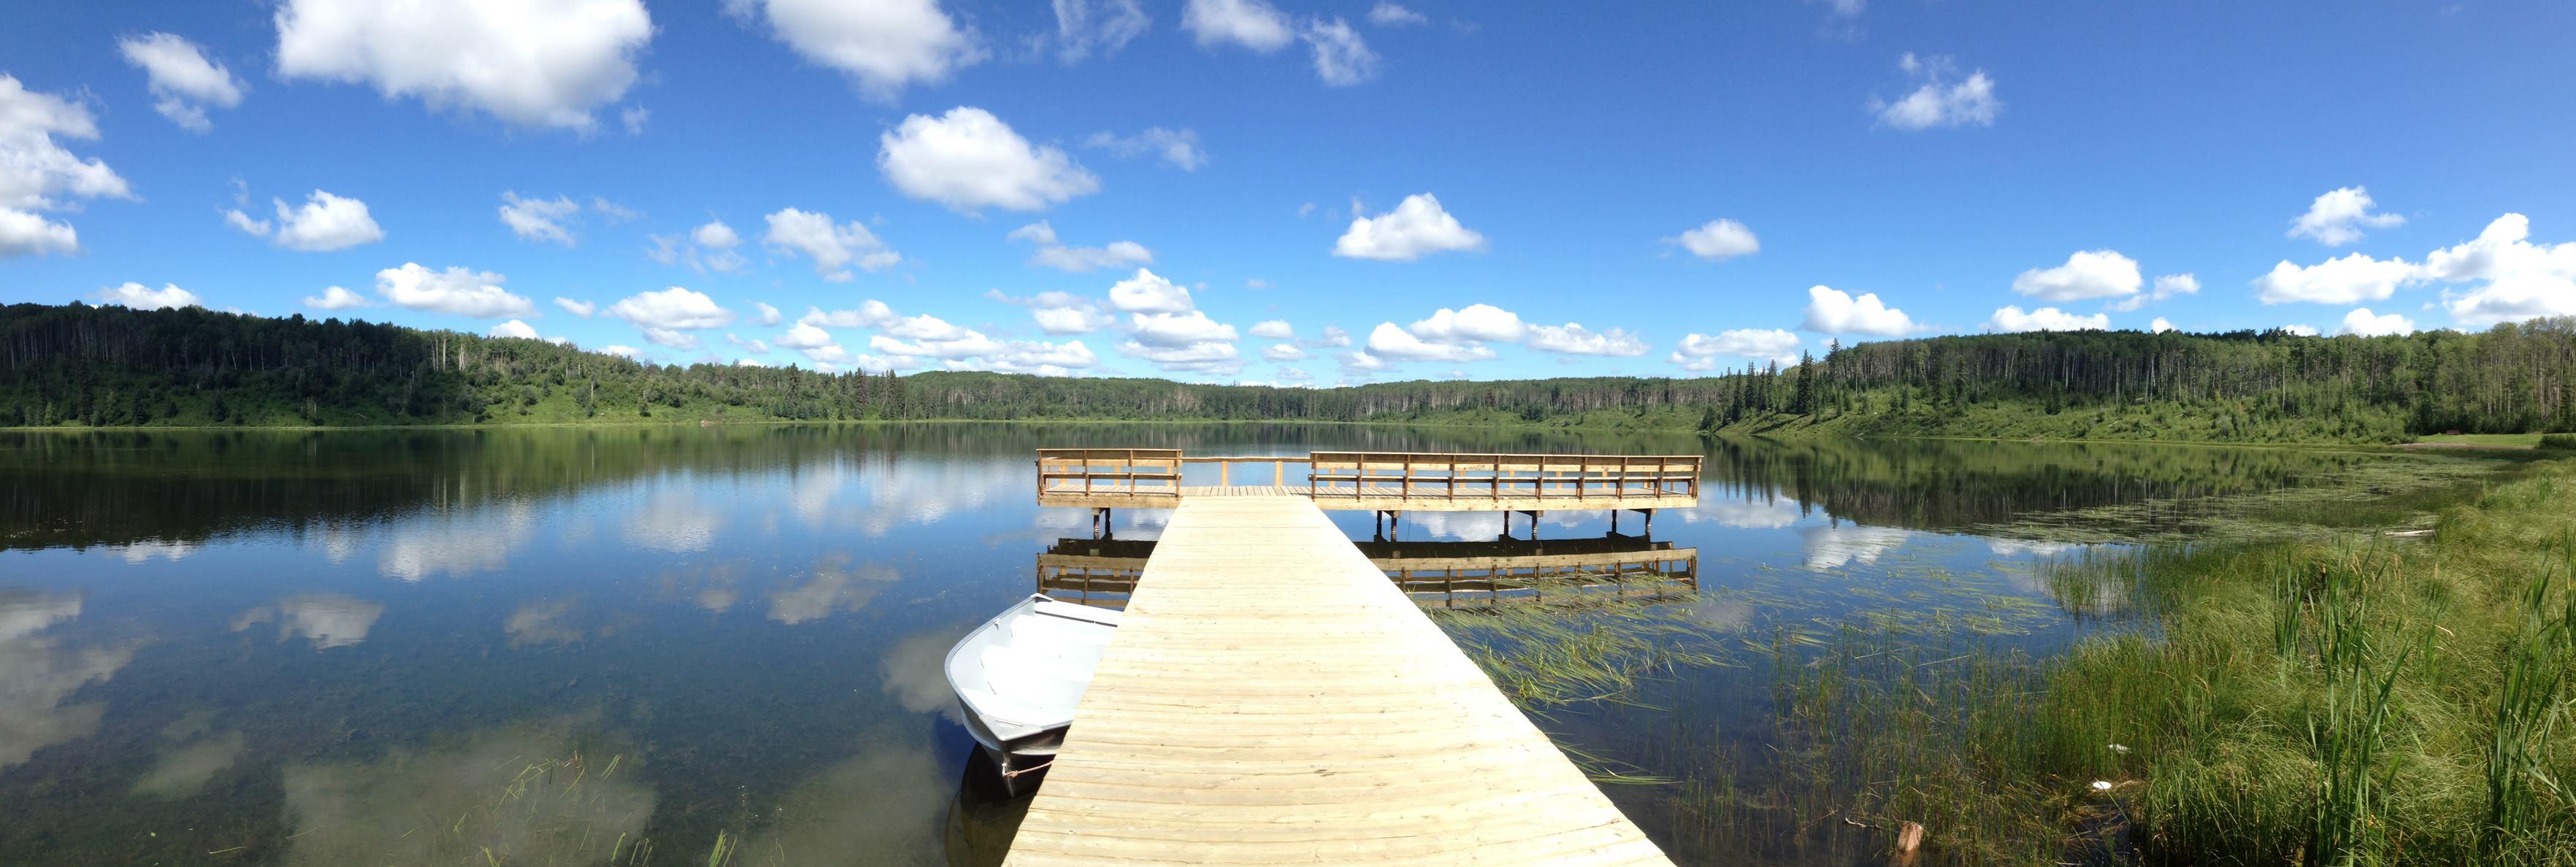 Image of Spring Lake Campground